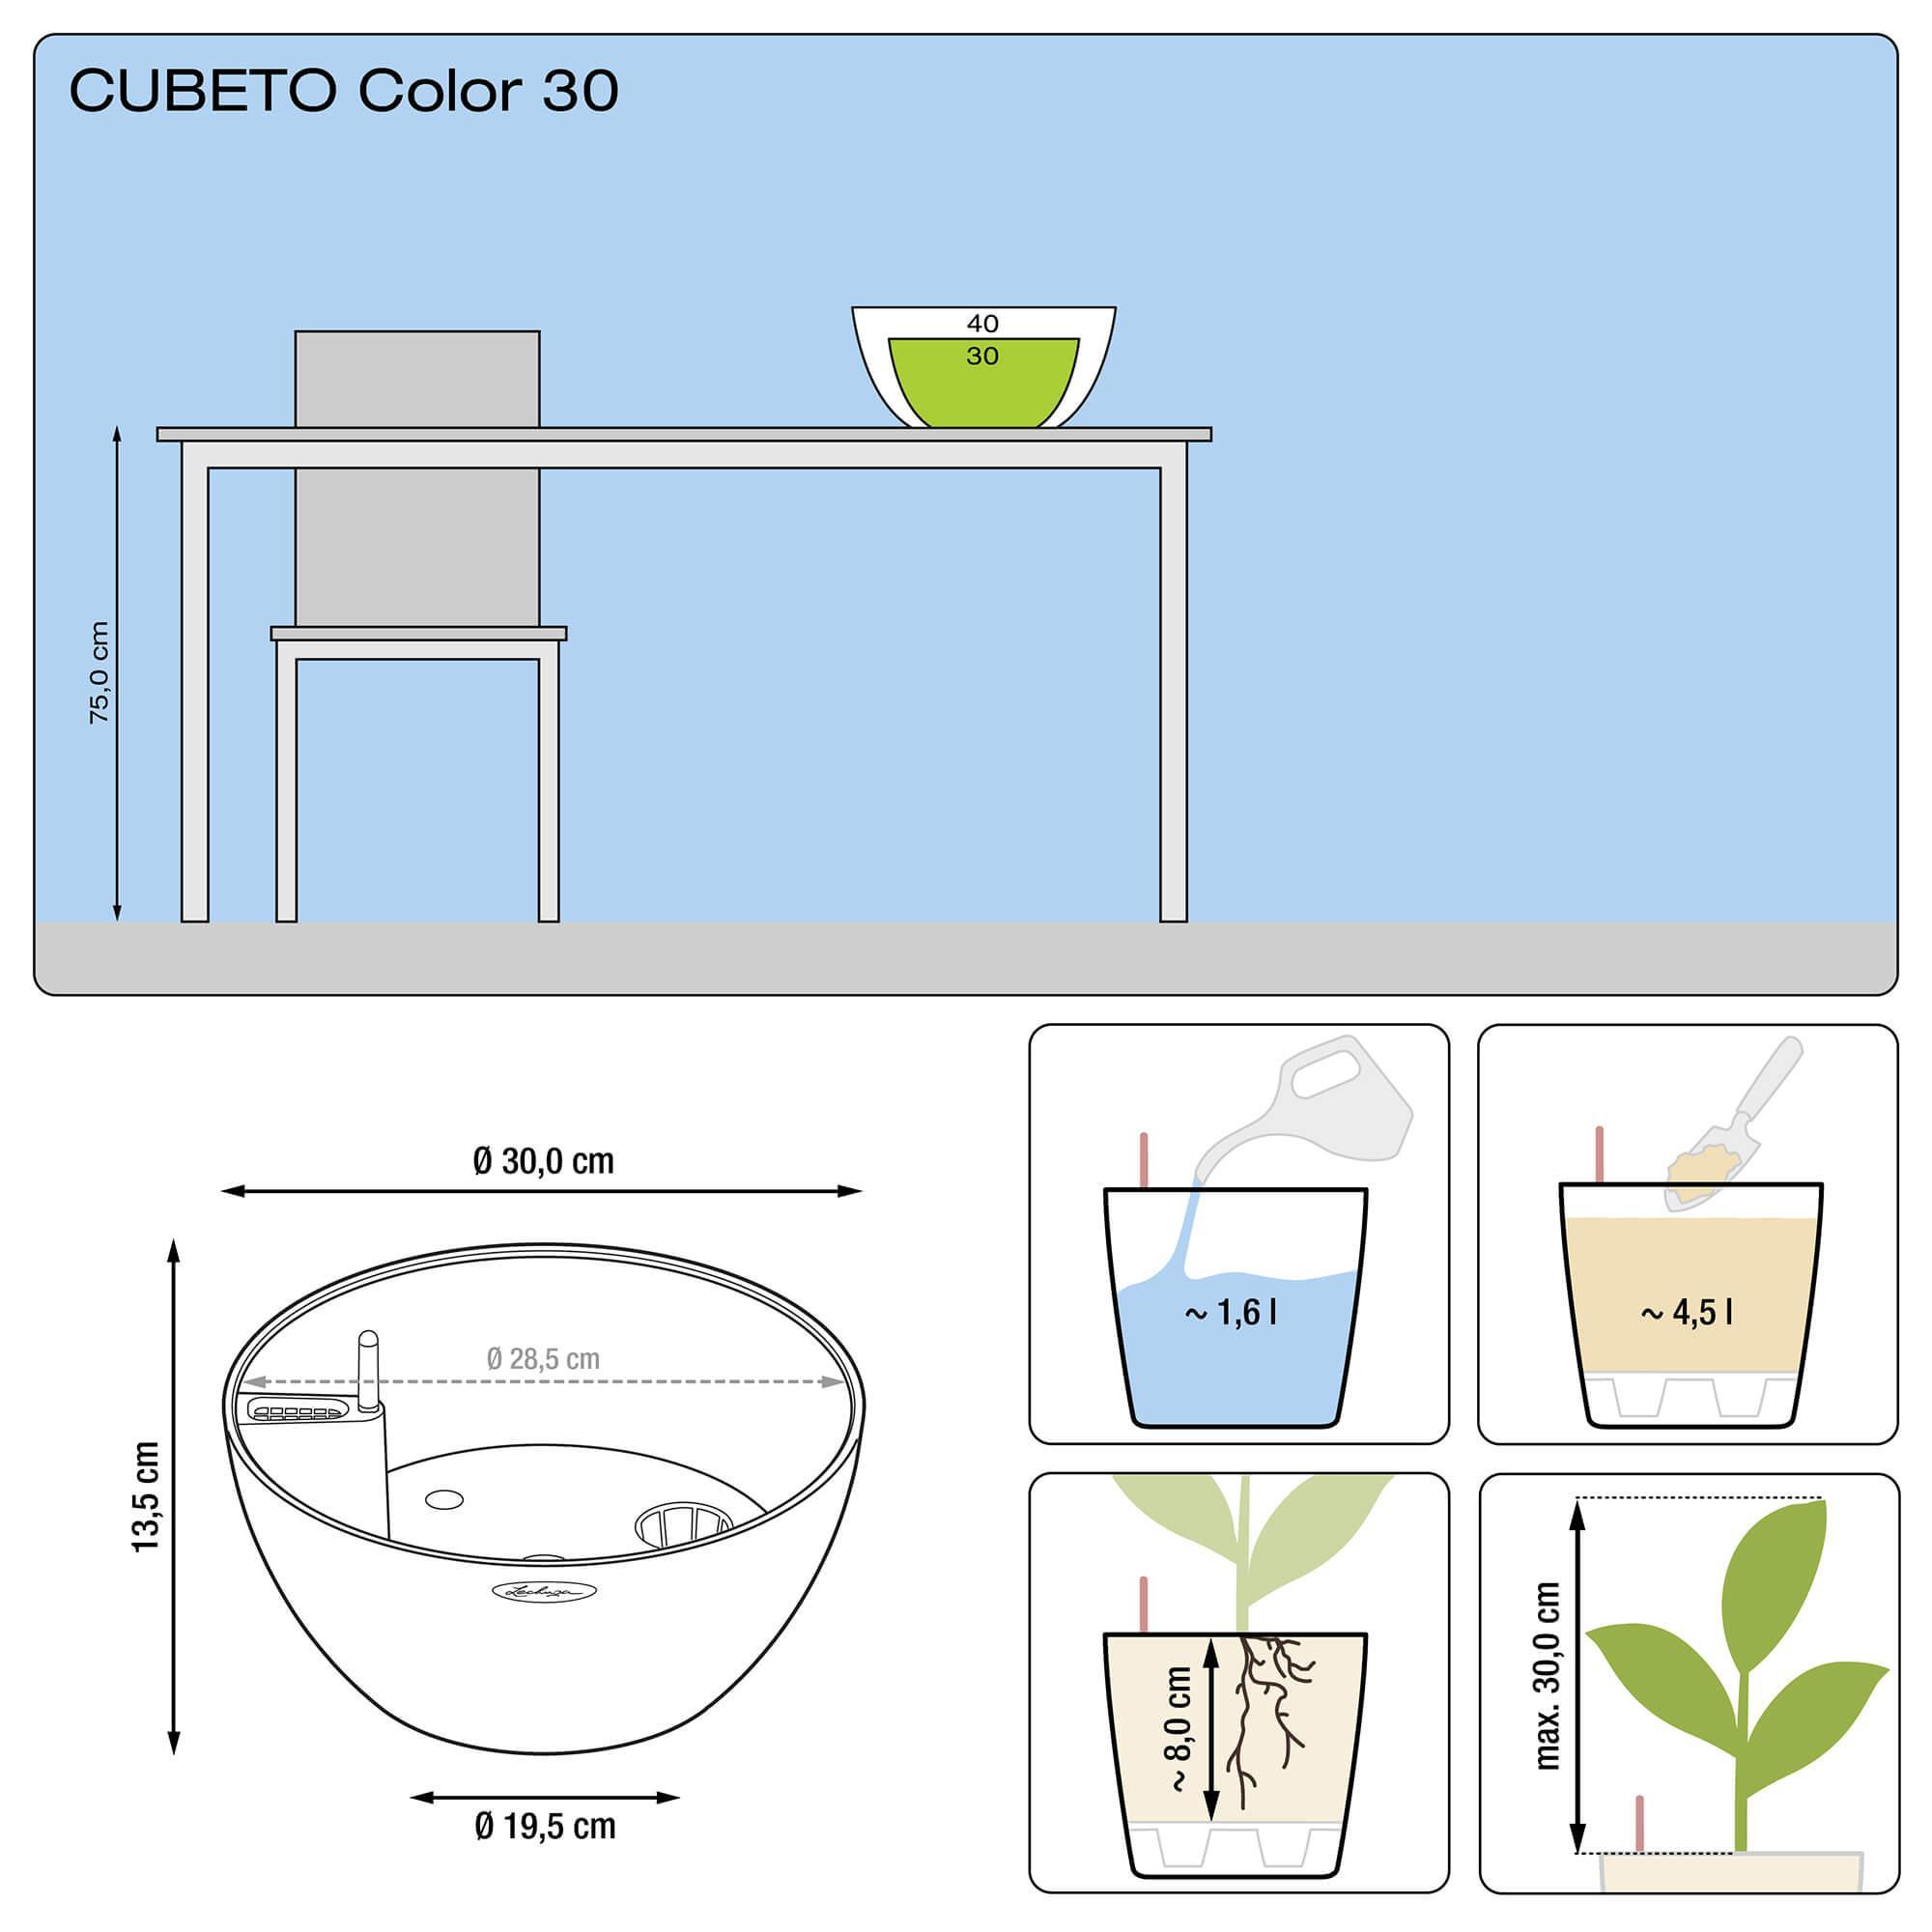 CUBETO Color 30 stone gray - Image 2